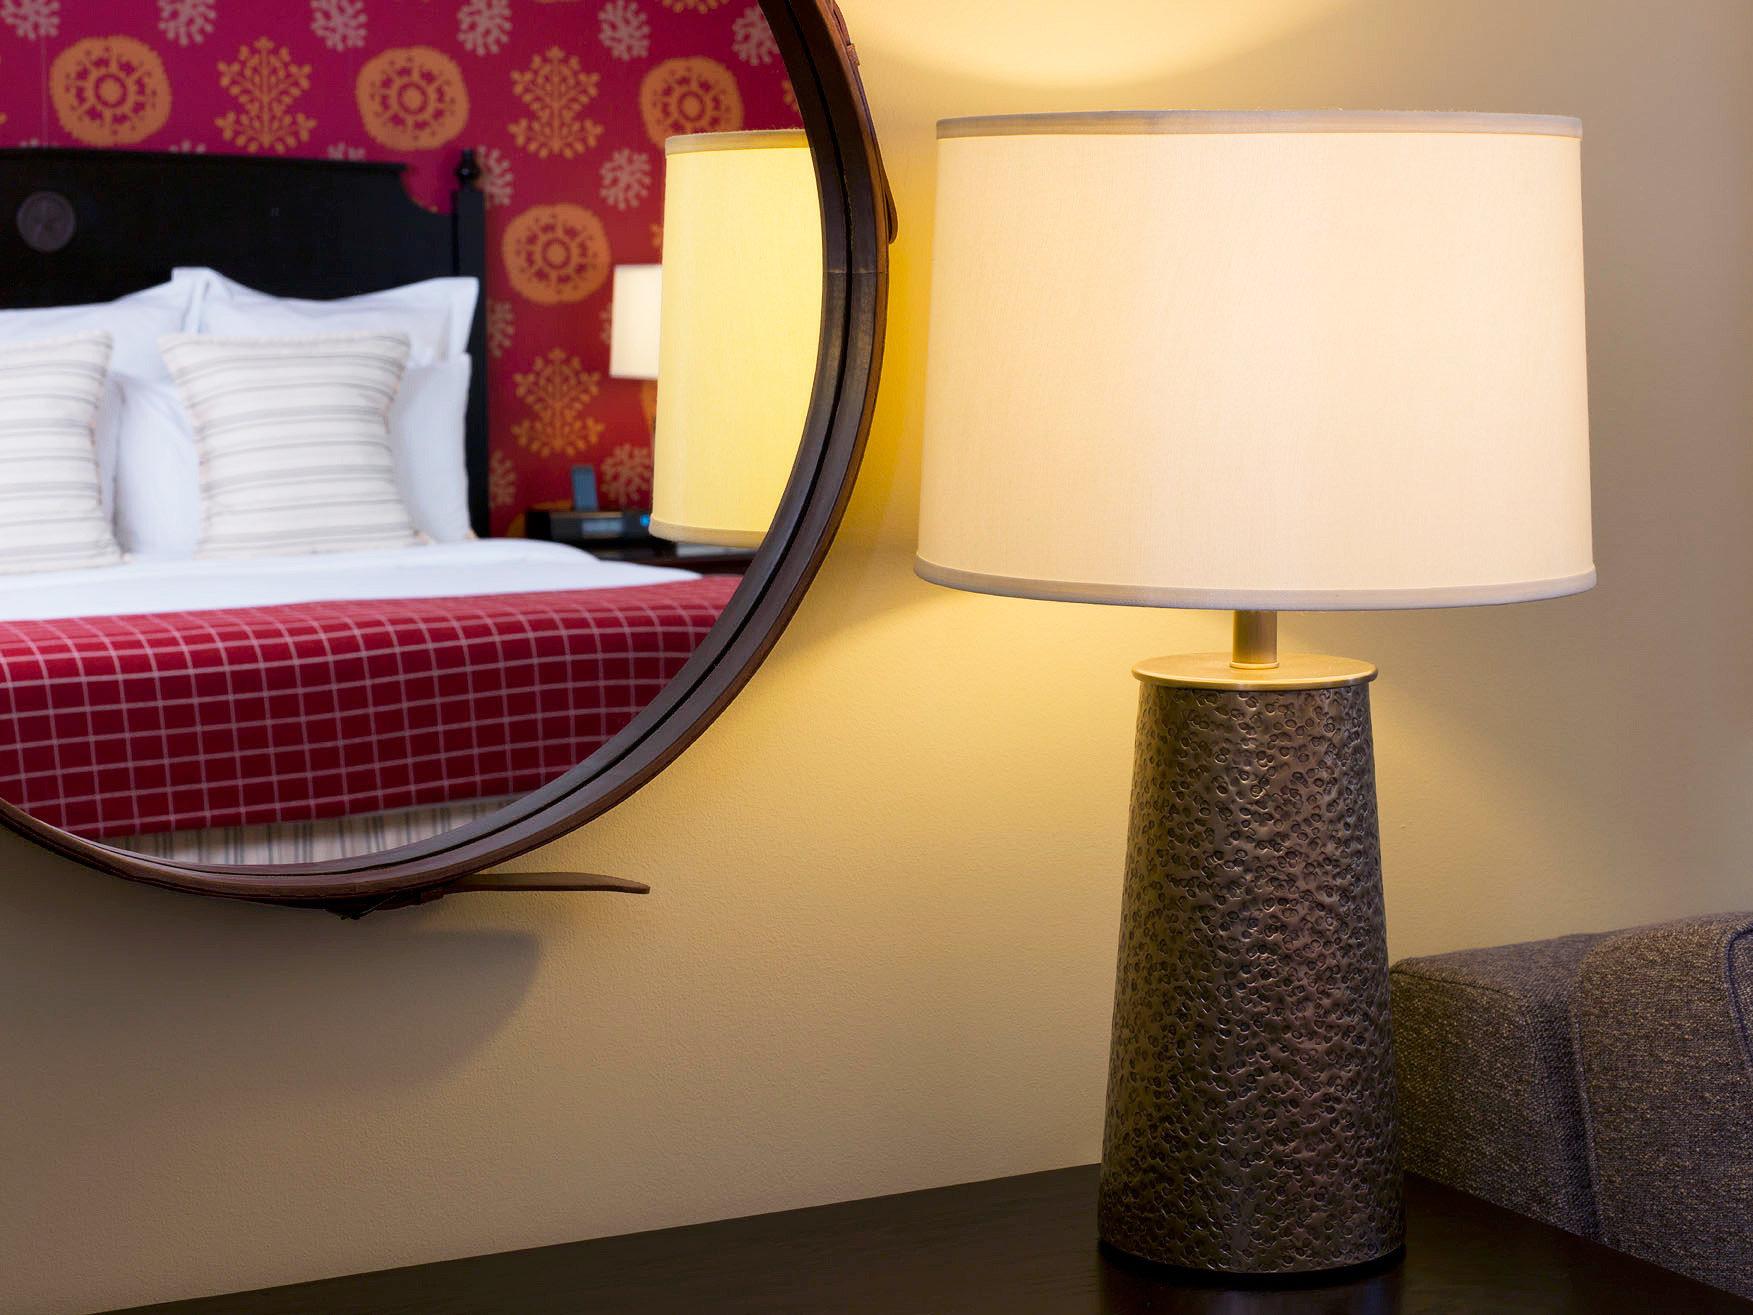 Bedroom Classic Resort color lighting living room light fixture lamp